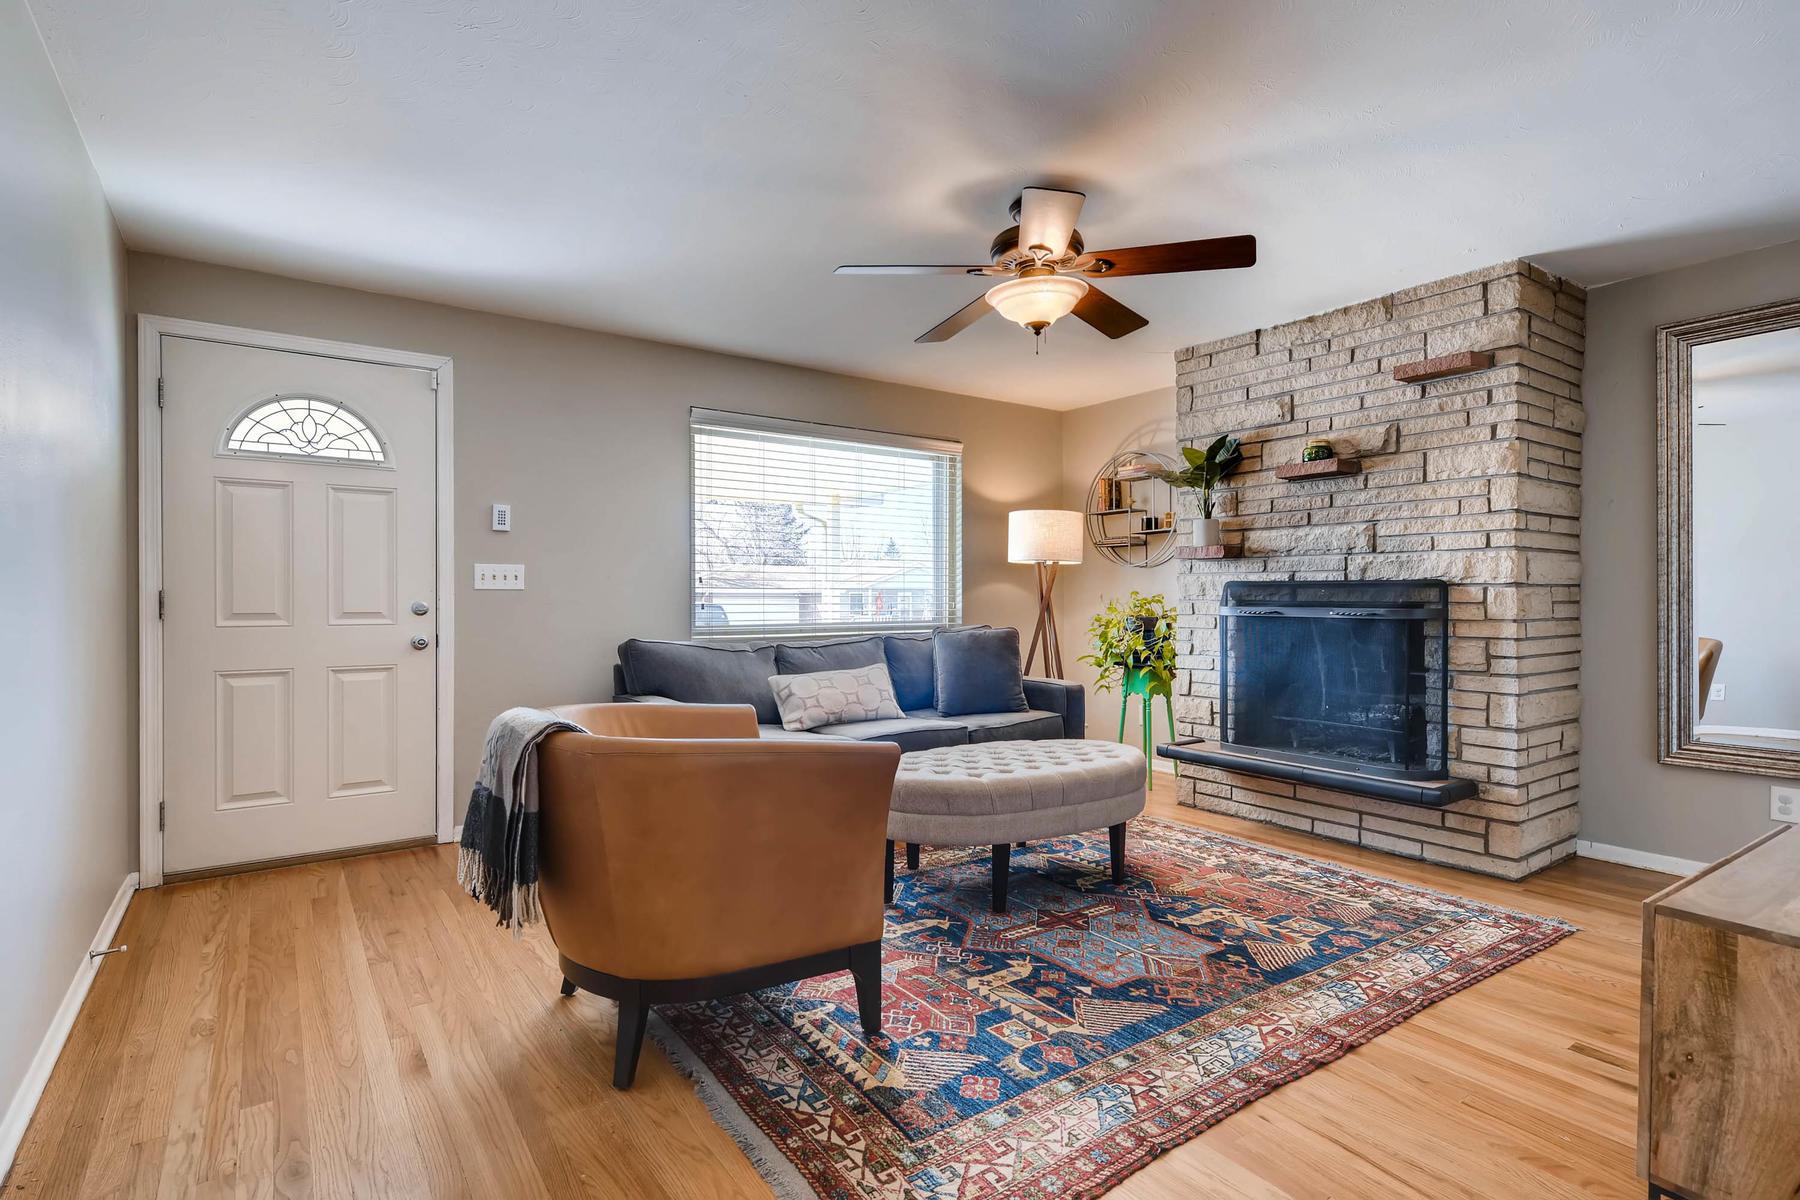 6676 S Kit Carson St-MLS_Size-005-3-Living Room-1800x1200-72dpi.jpg